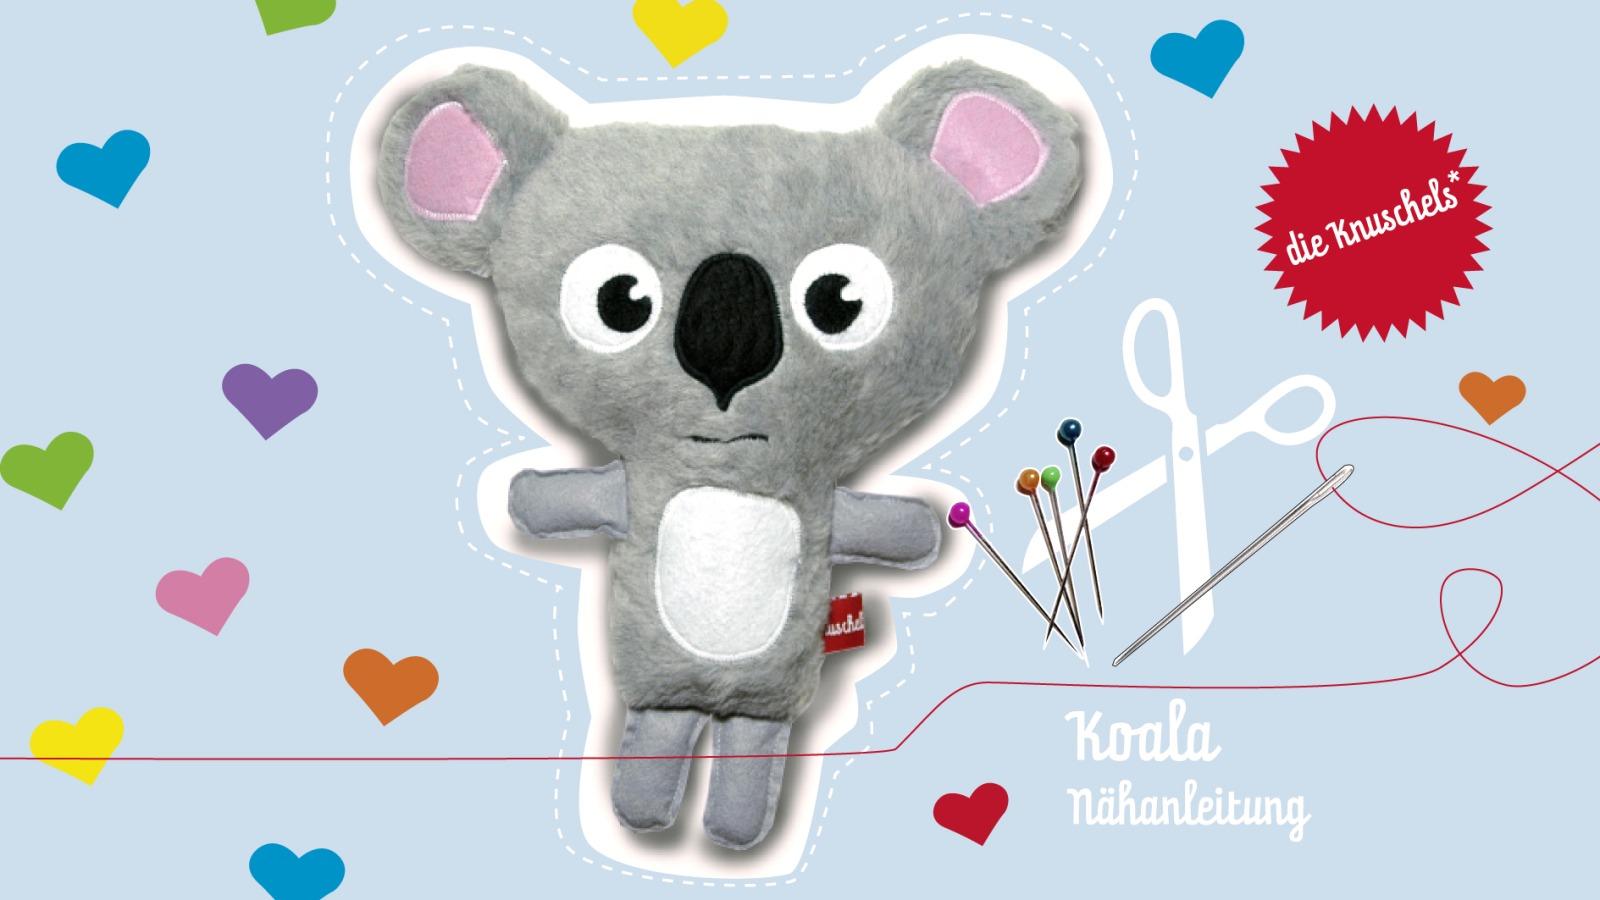 Koala Naehanleitung und Schnitt